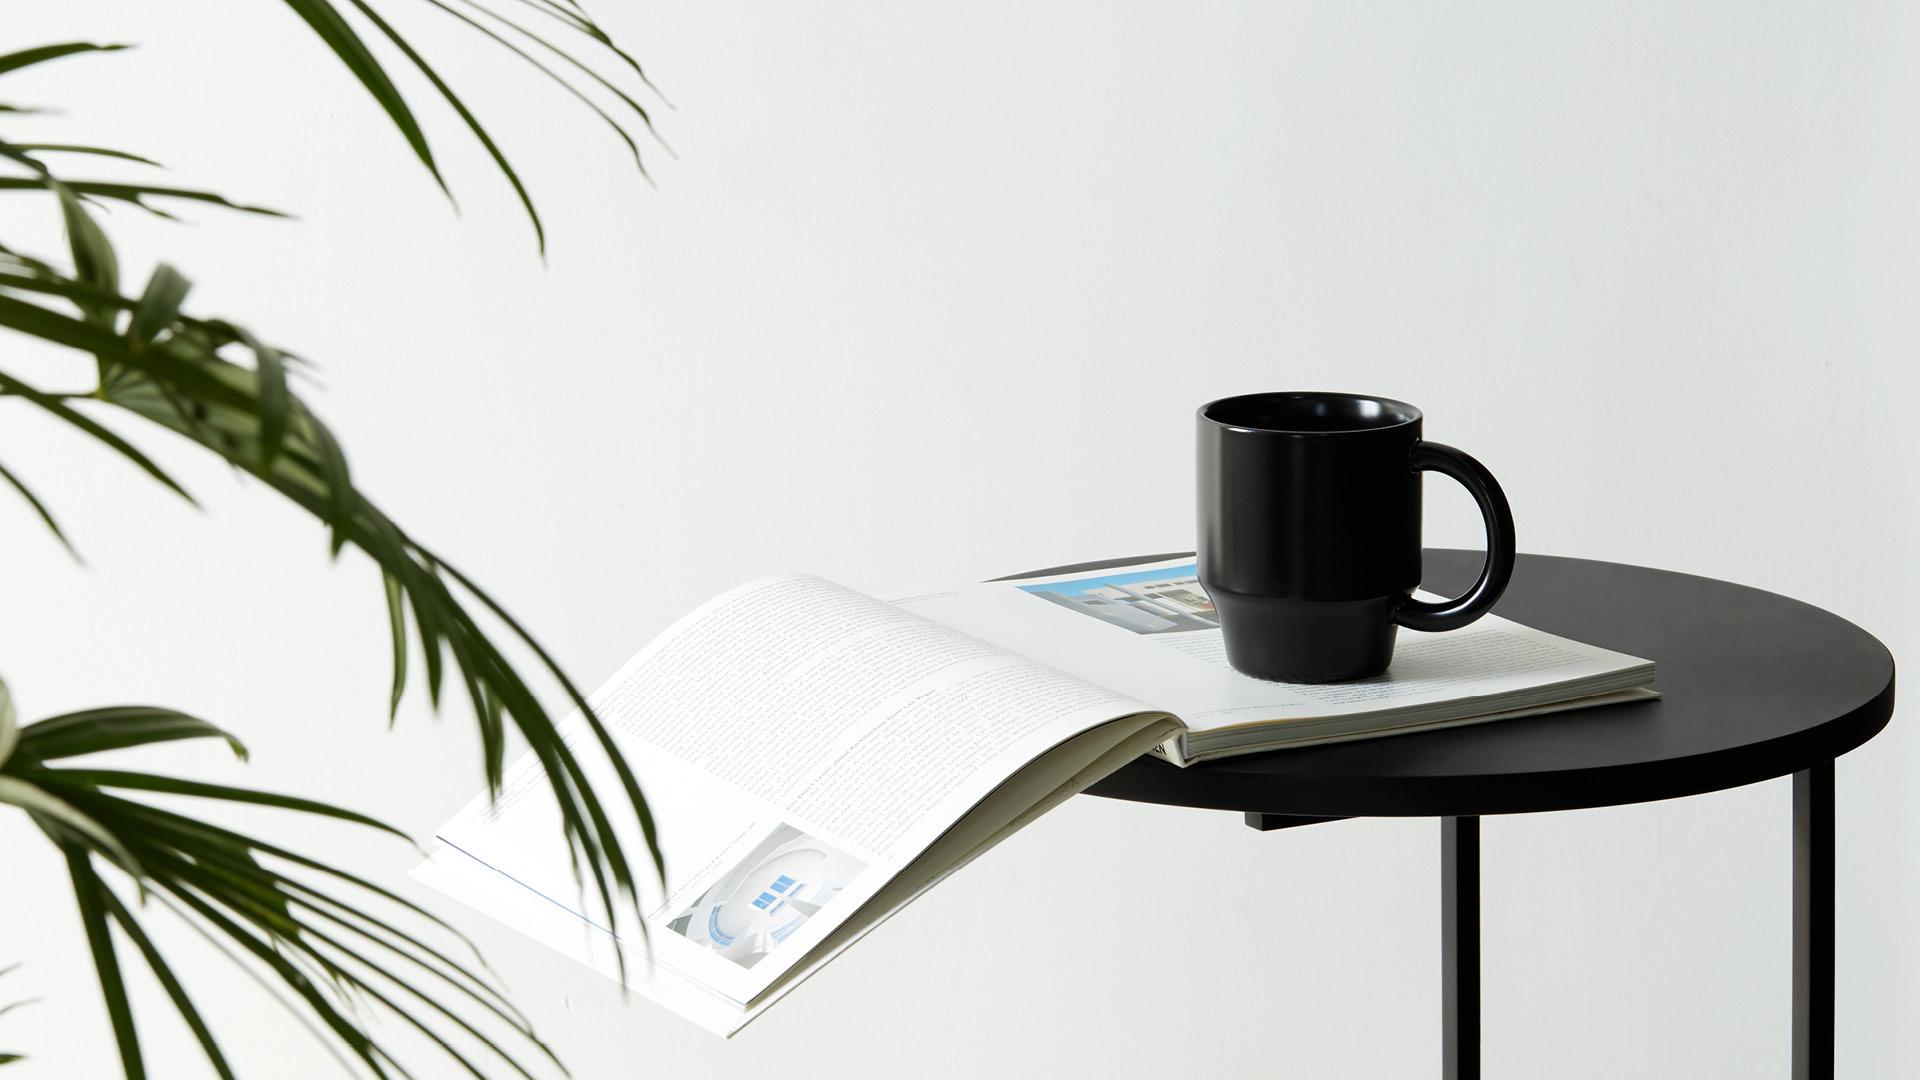 午后一杯咖啡,停下来享受慢生活